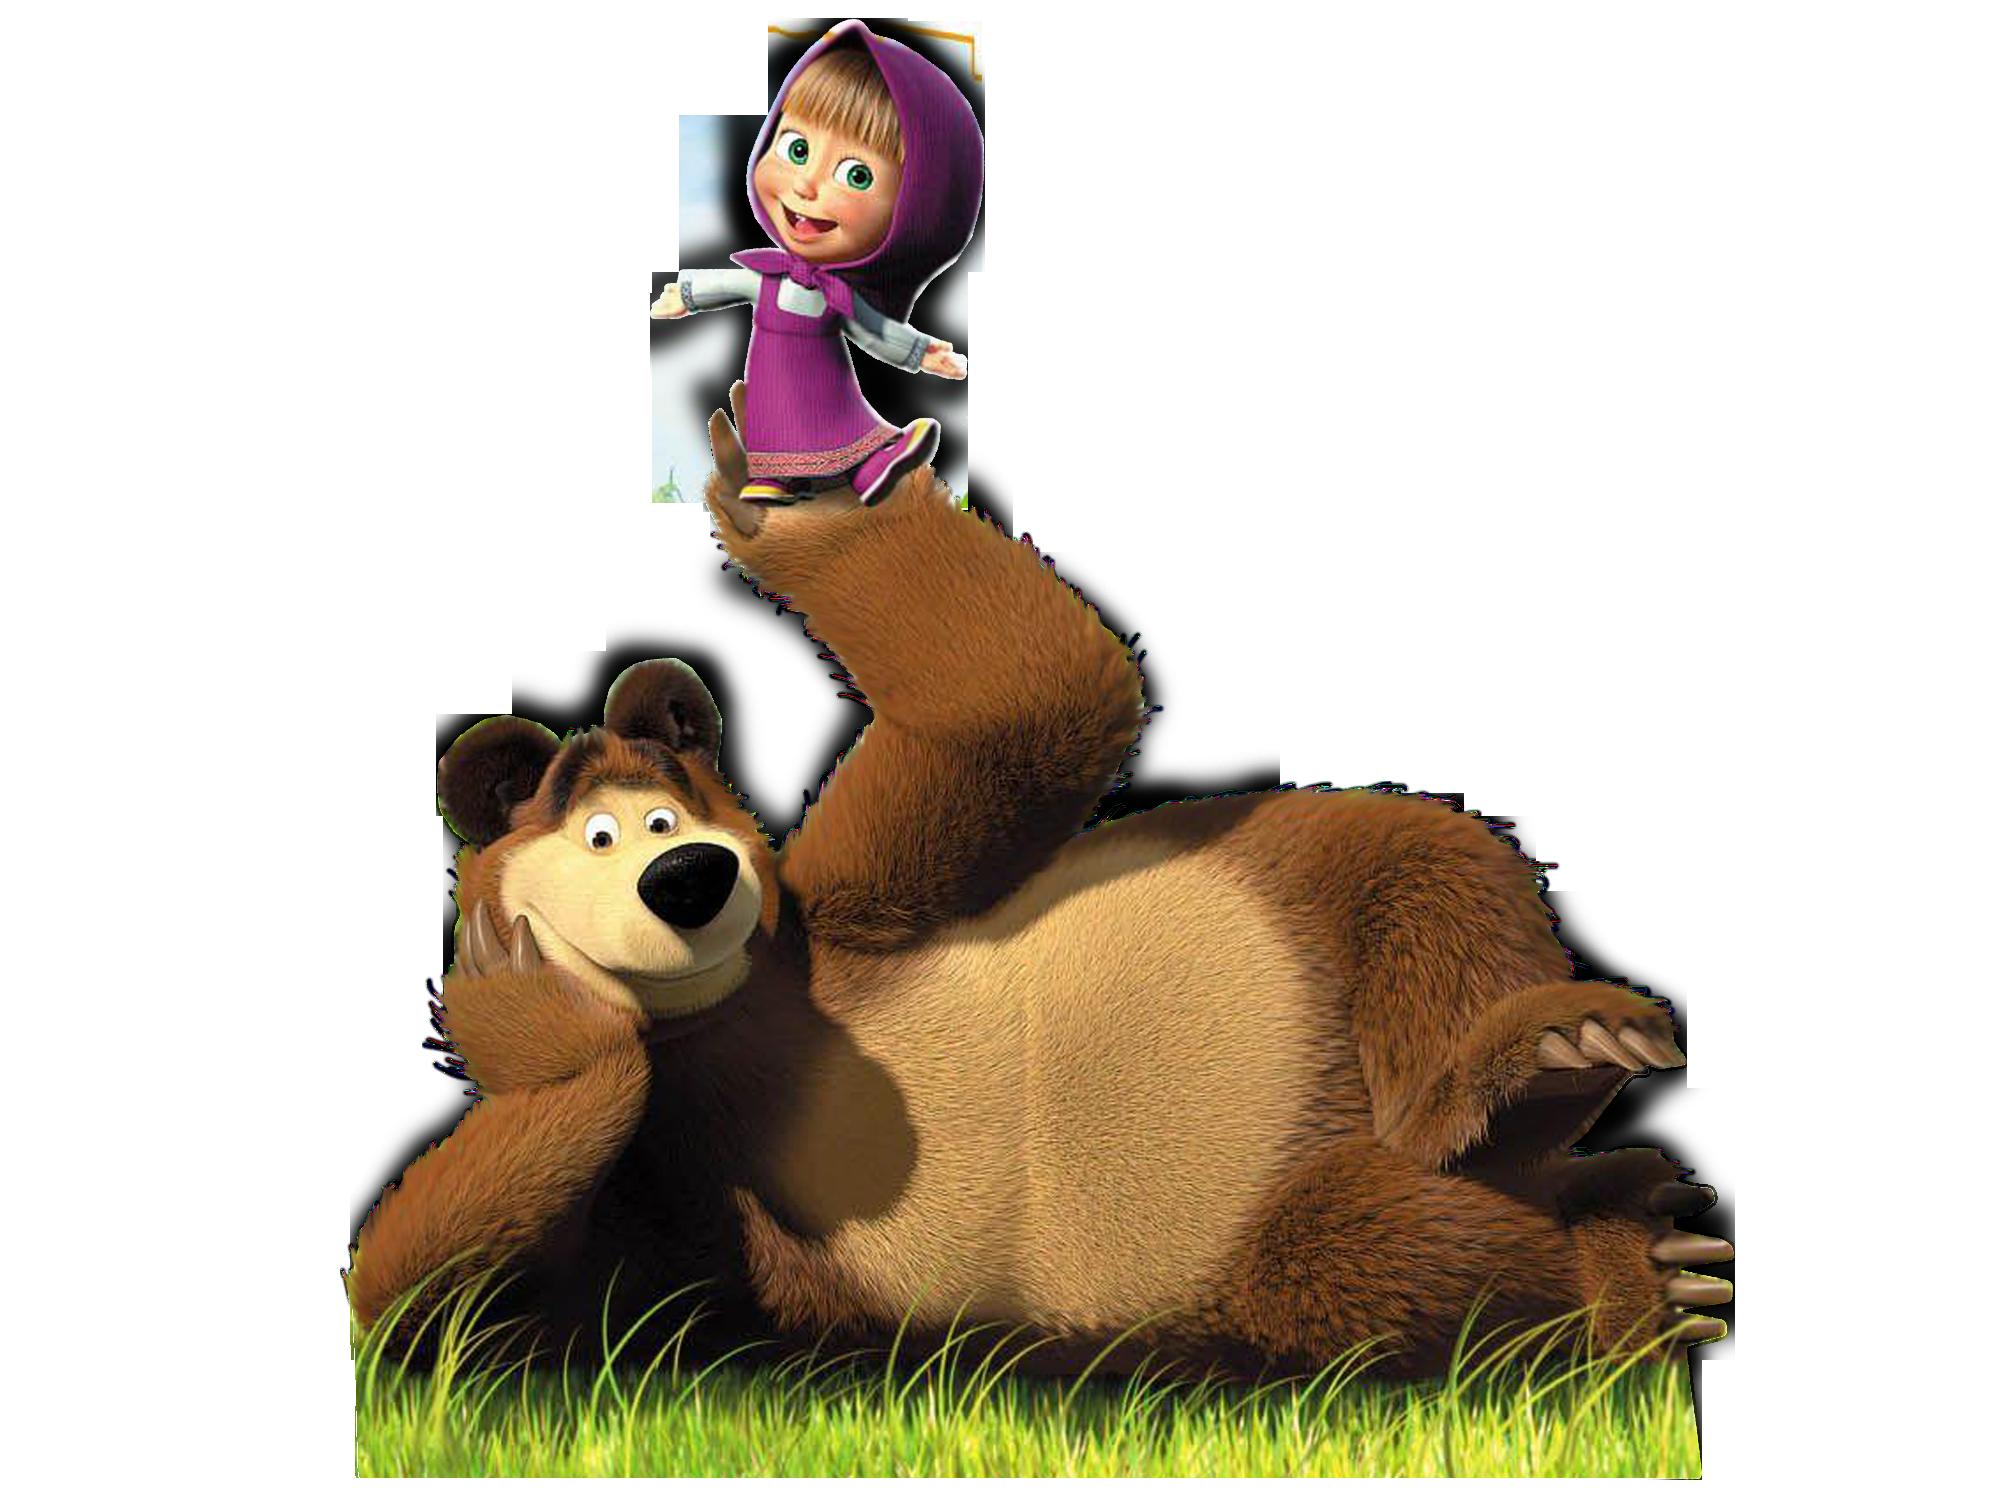 Маша и Медведь - для печати, большой формат | Медведь ...